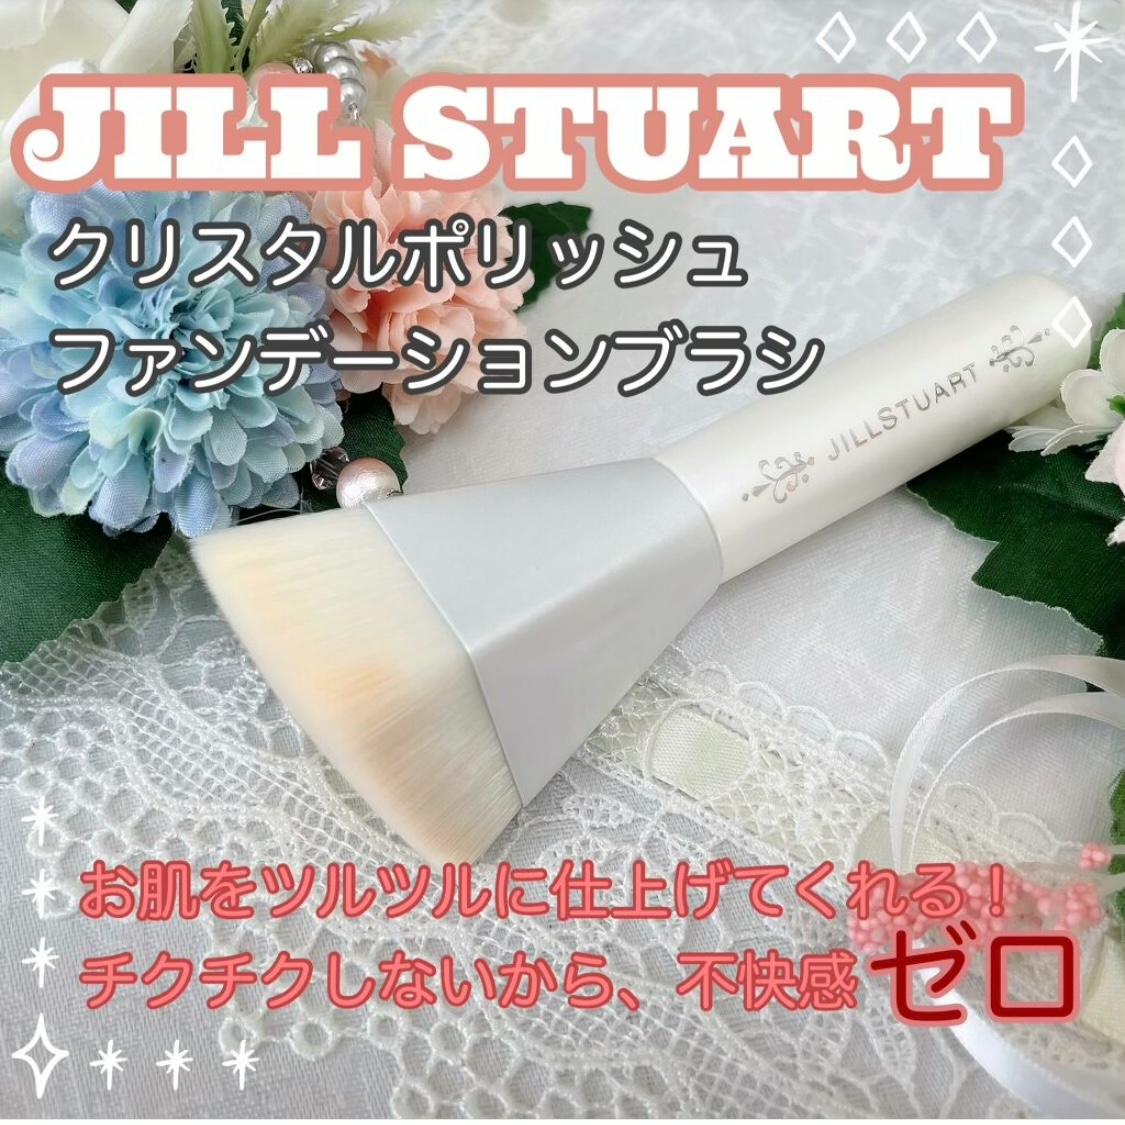 JILL STUART(ジルスチュアート)クリスタルポリッシュ ファンデーションブラシを使ったかおきちさんのクチコミ画像1